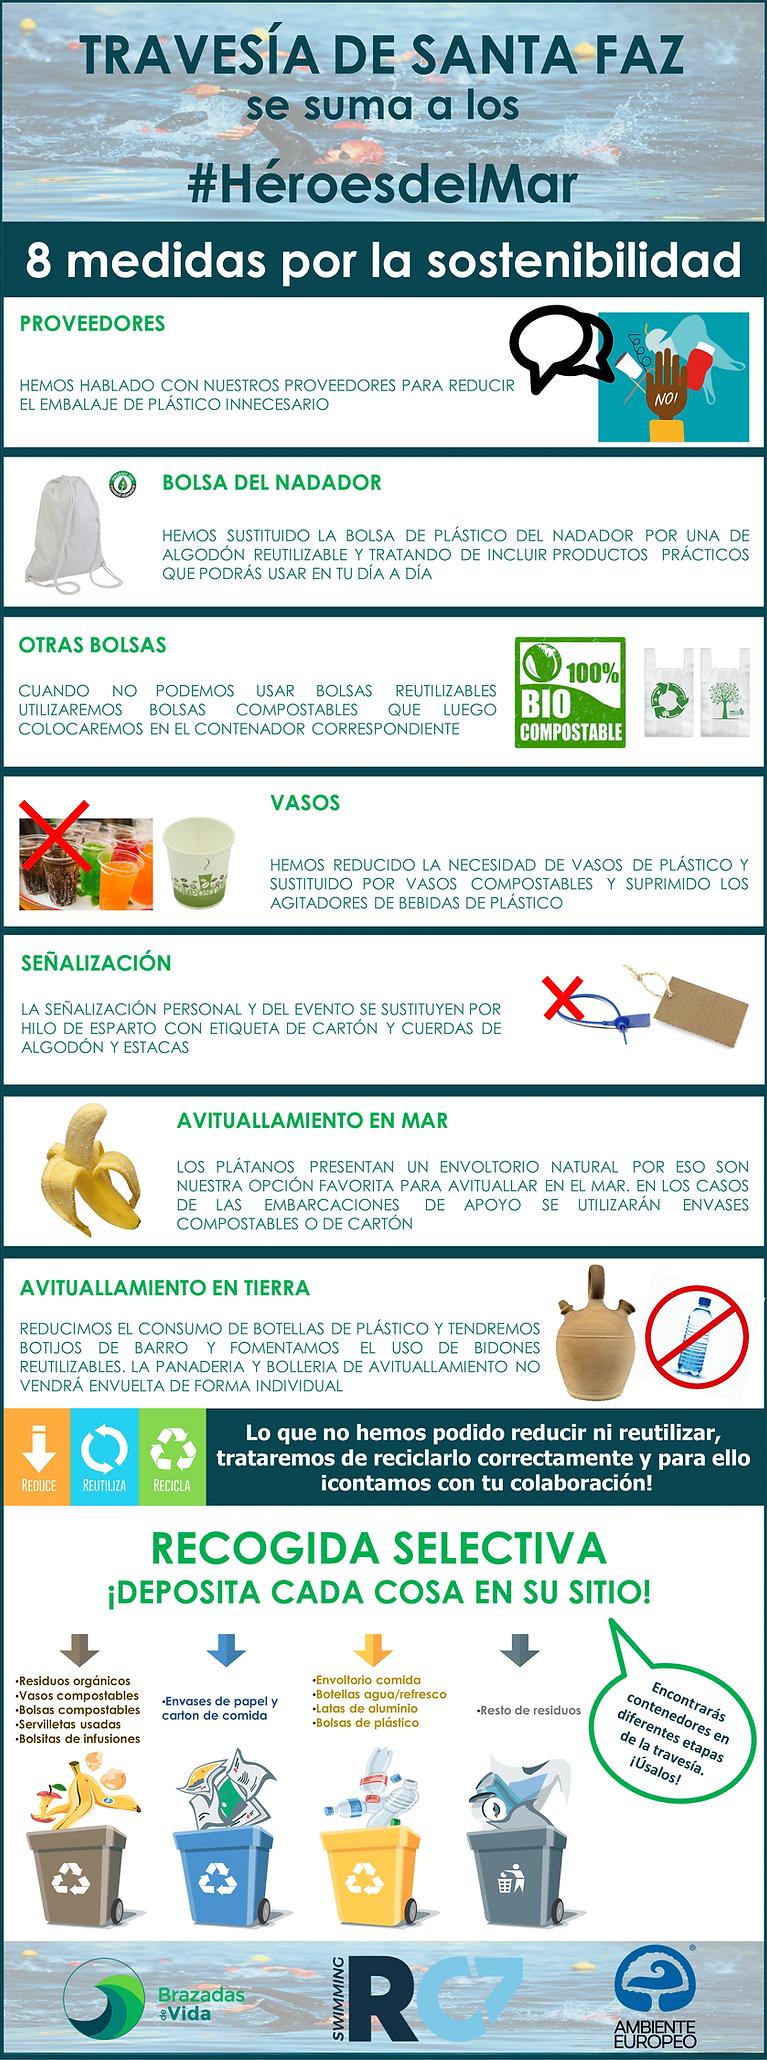 heroesdelmar-8medidas-sostenibilidad-1.p